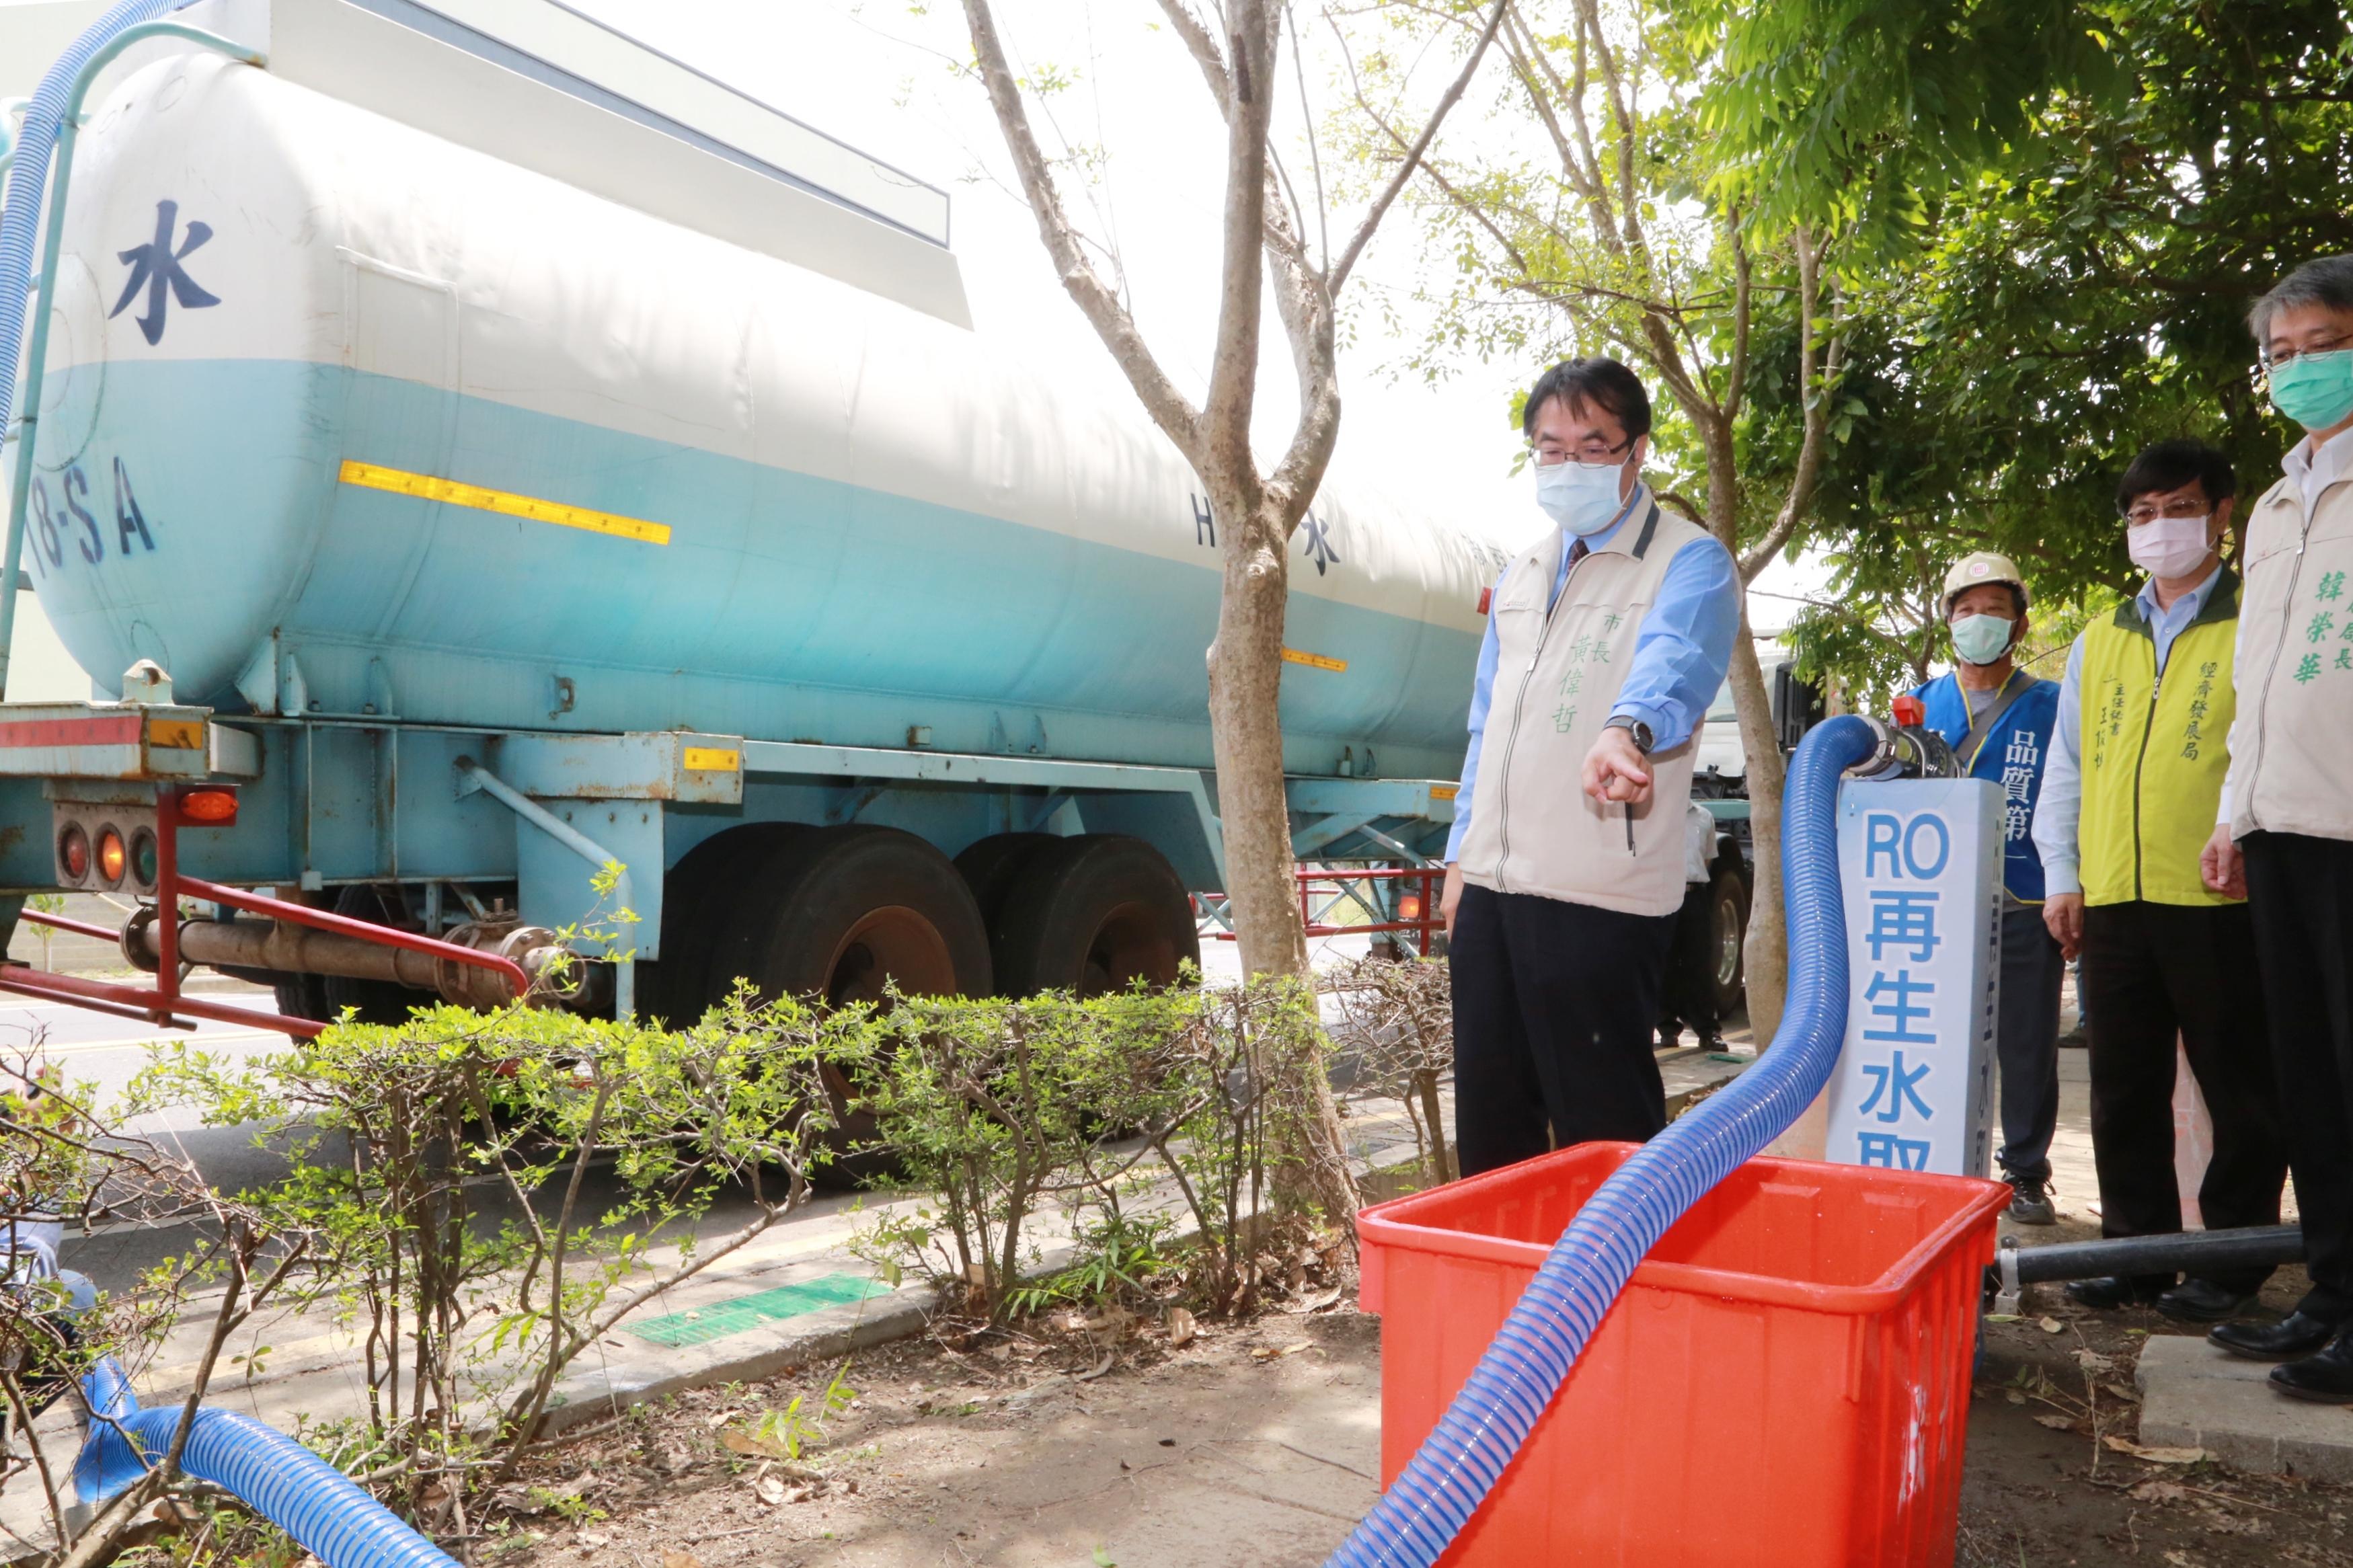 黃偉哲視察樹谷園區RO淨水設備,紓解產業用水需求。(圖/台南市政府提供)